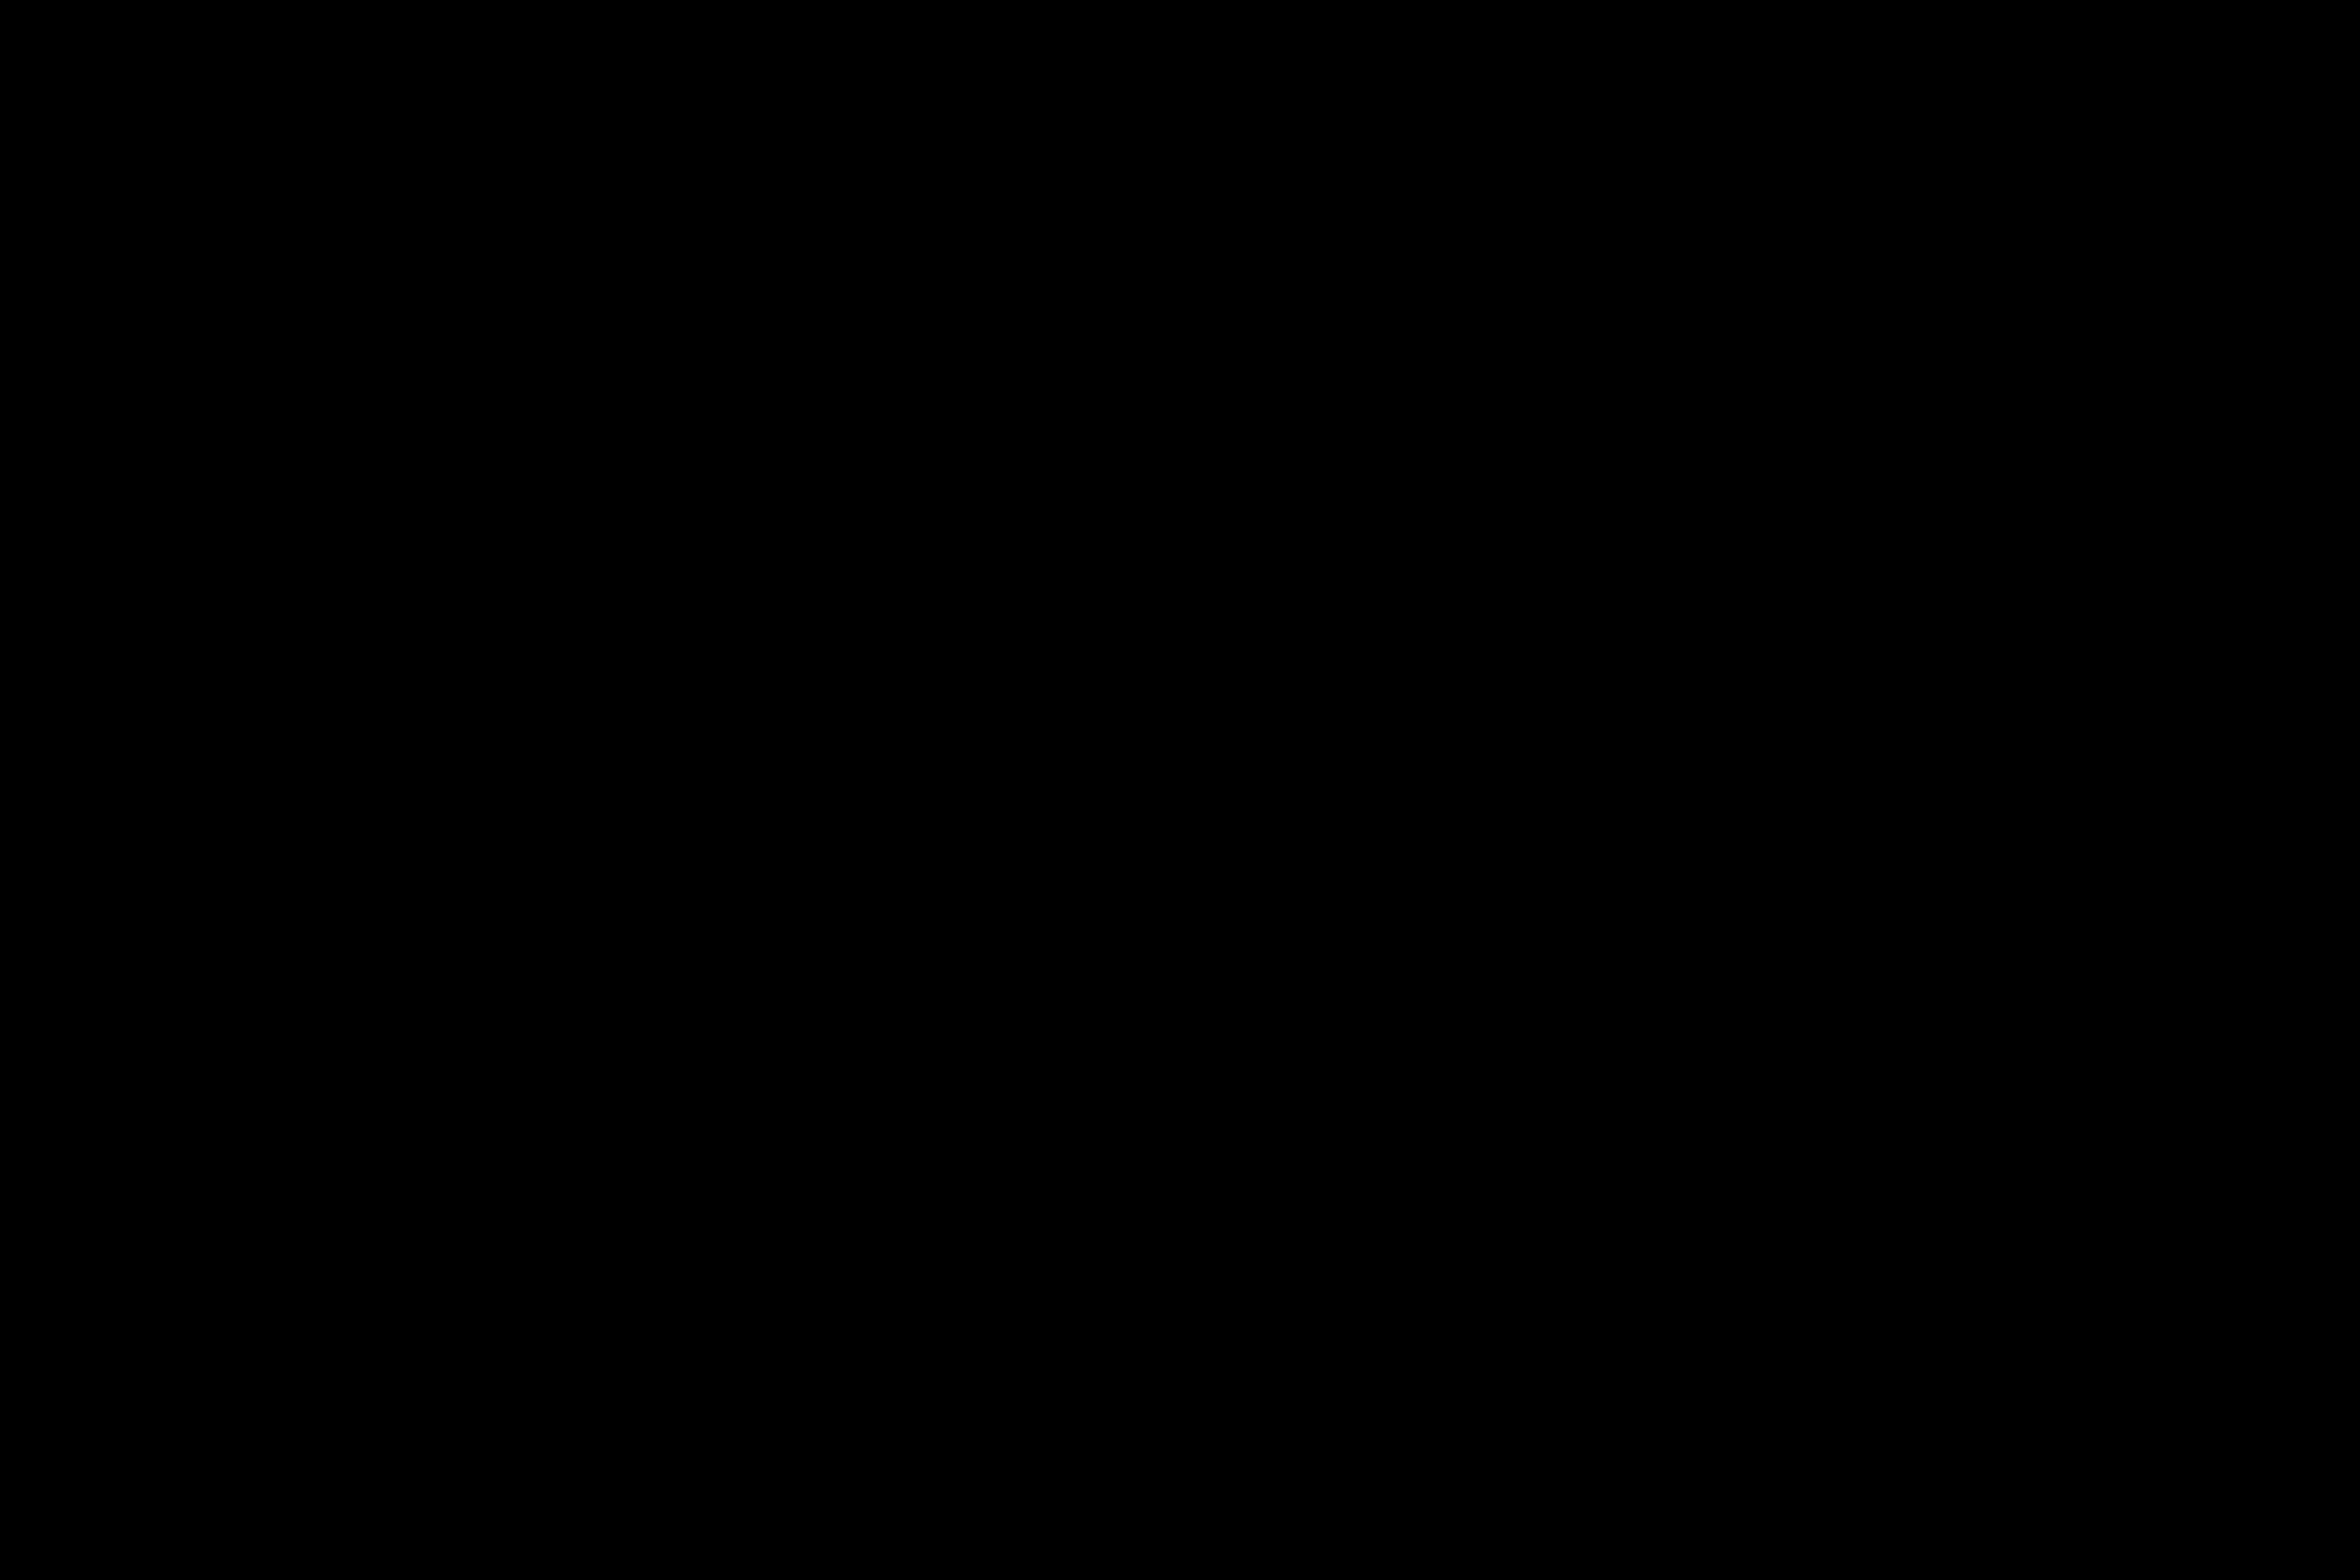 Rapport annuel avec refonte globale du graphisme / Client : Reporters sans Frontières